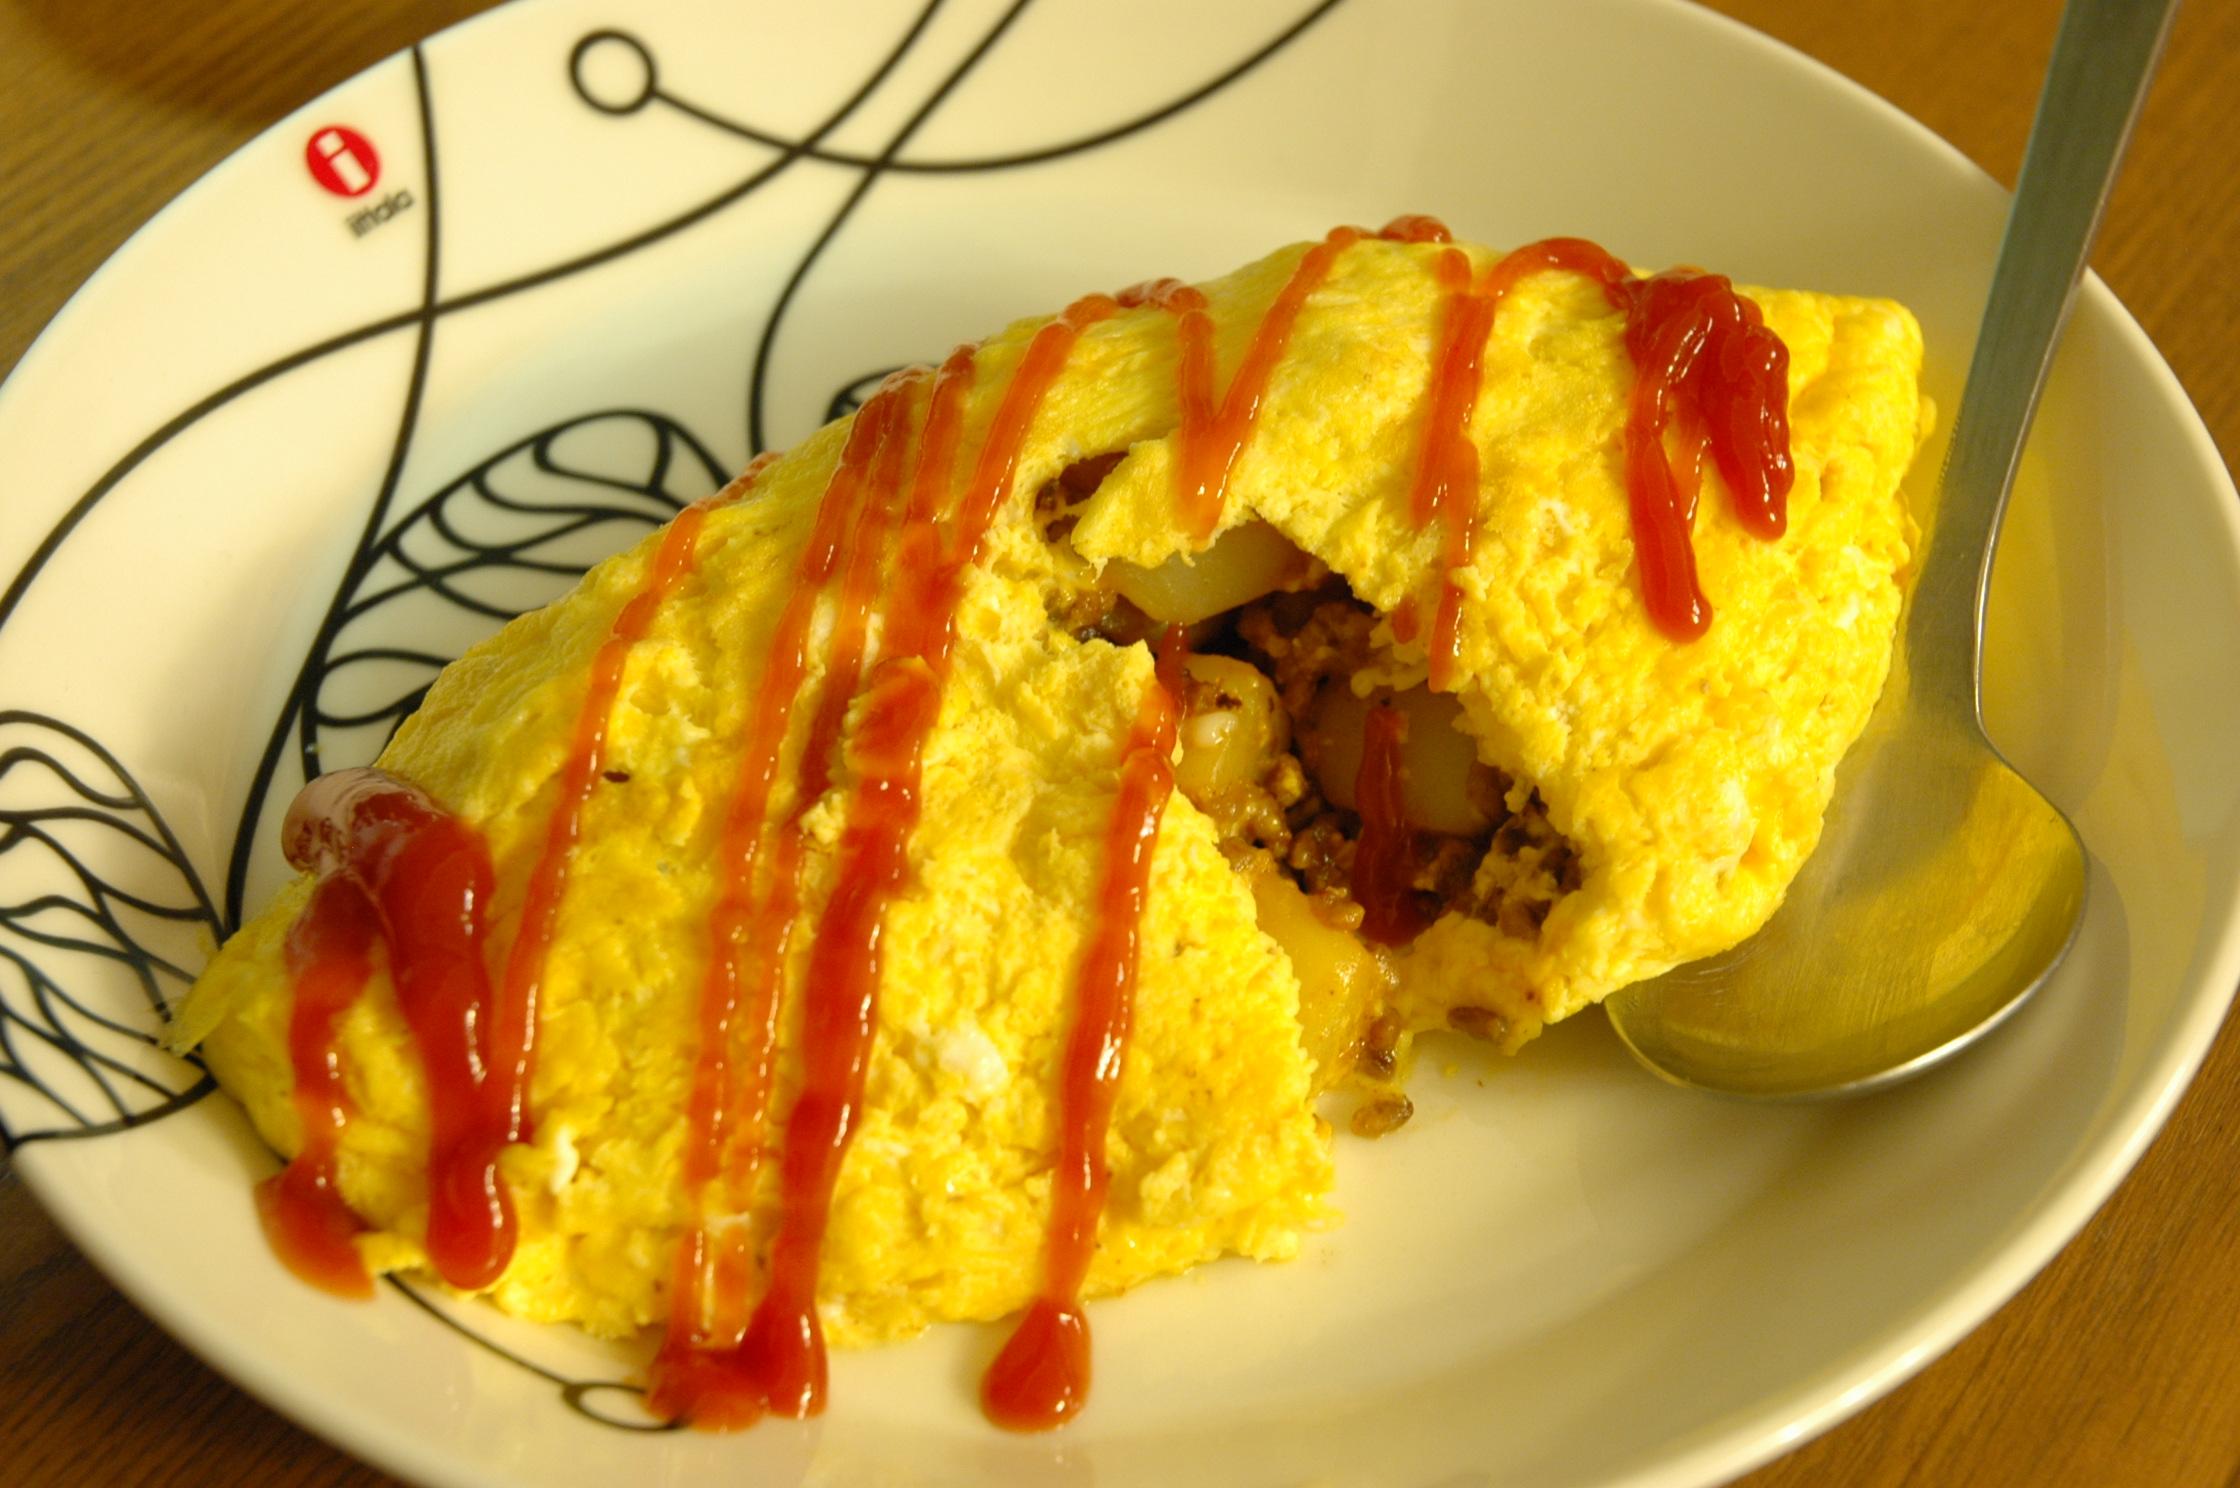 オムレツ ひき肉 入り ひき肉入りオムレツの基本レシピ!具材をプラスしてアレンジも簡単!